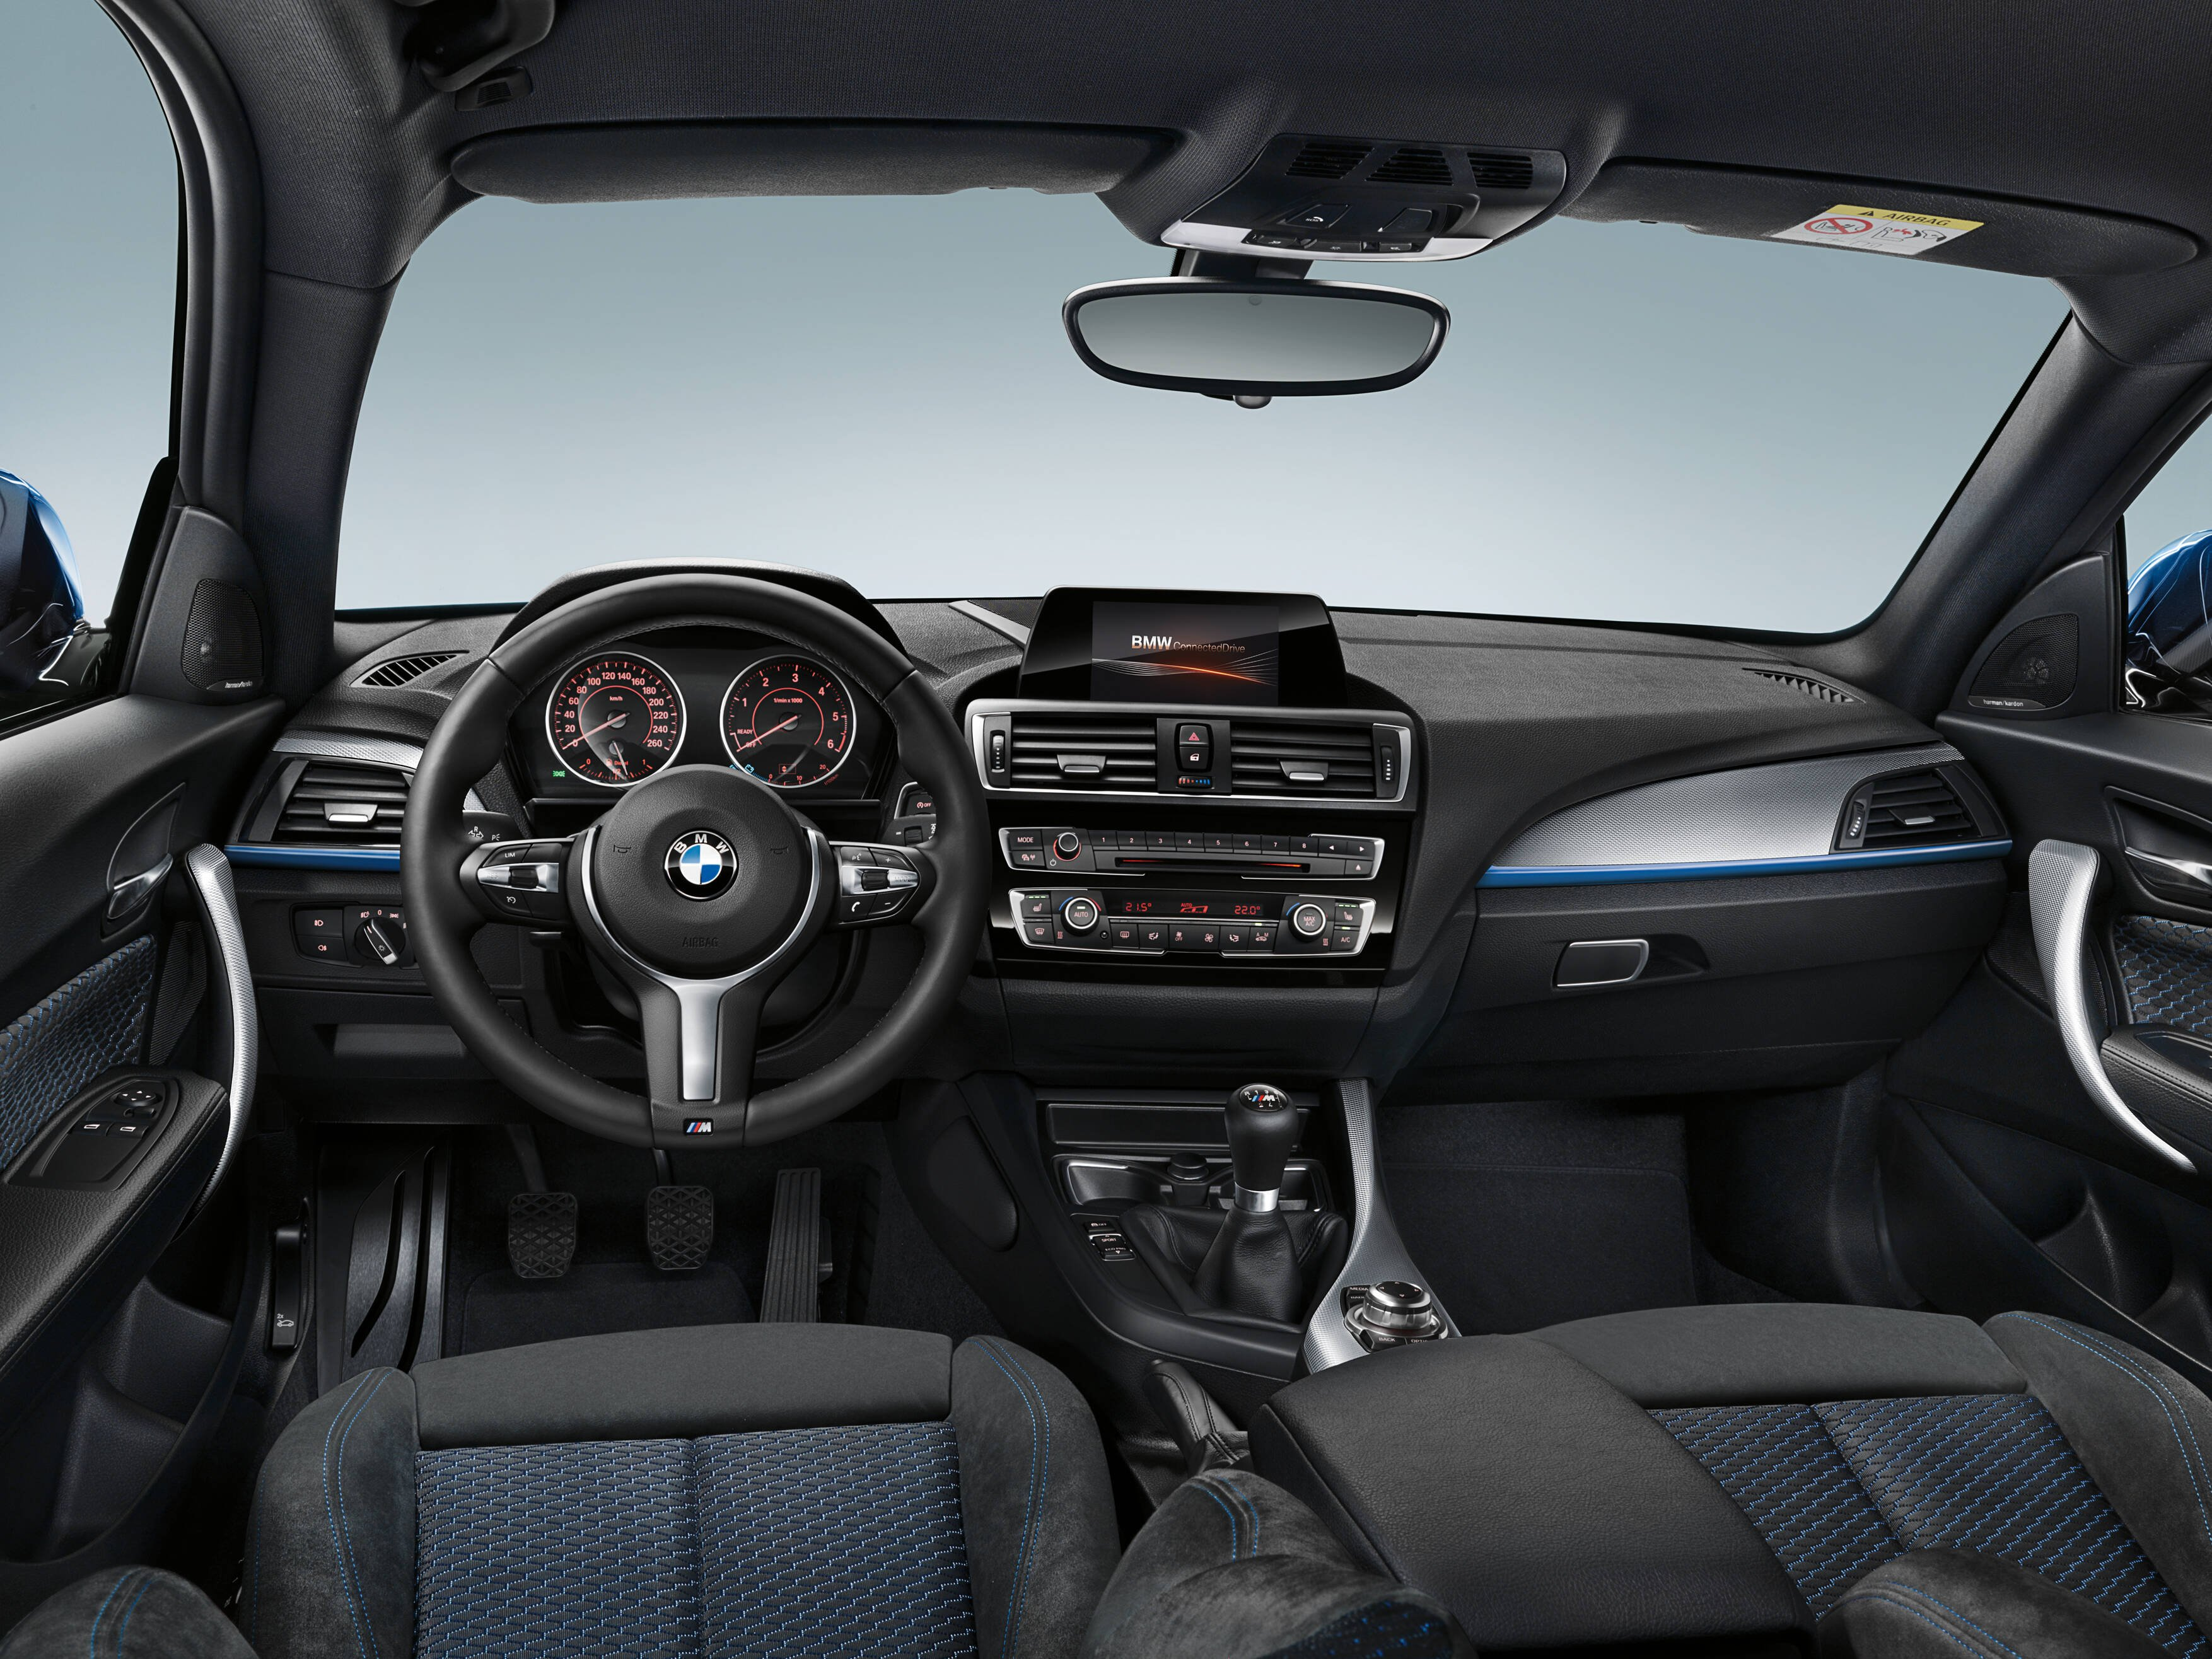 BMW Série 1. Foto: Divulgação